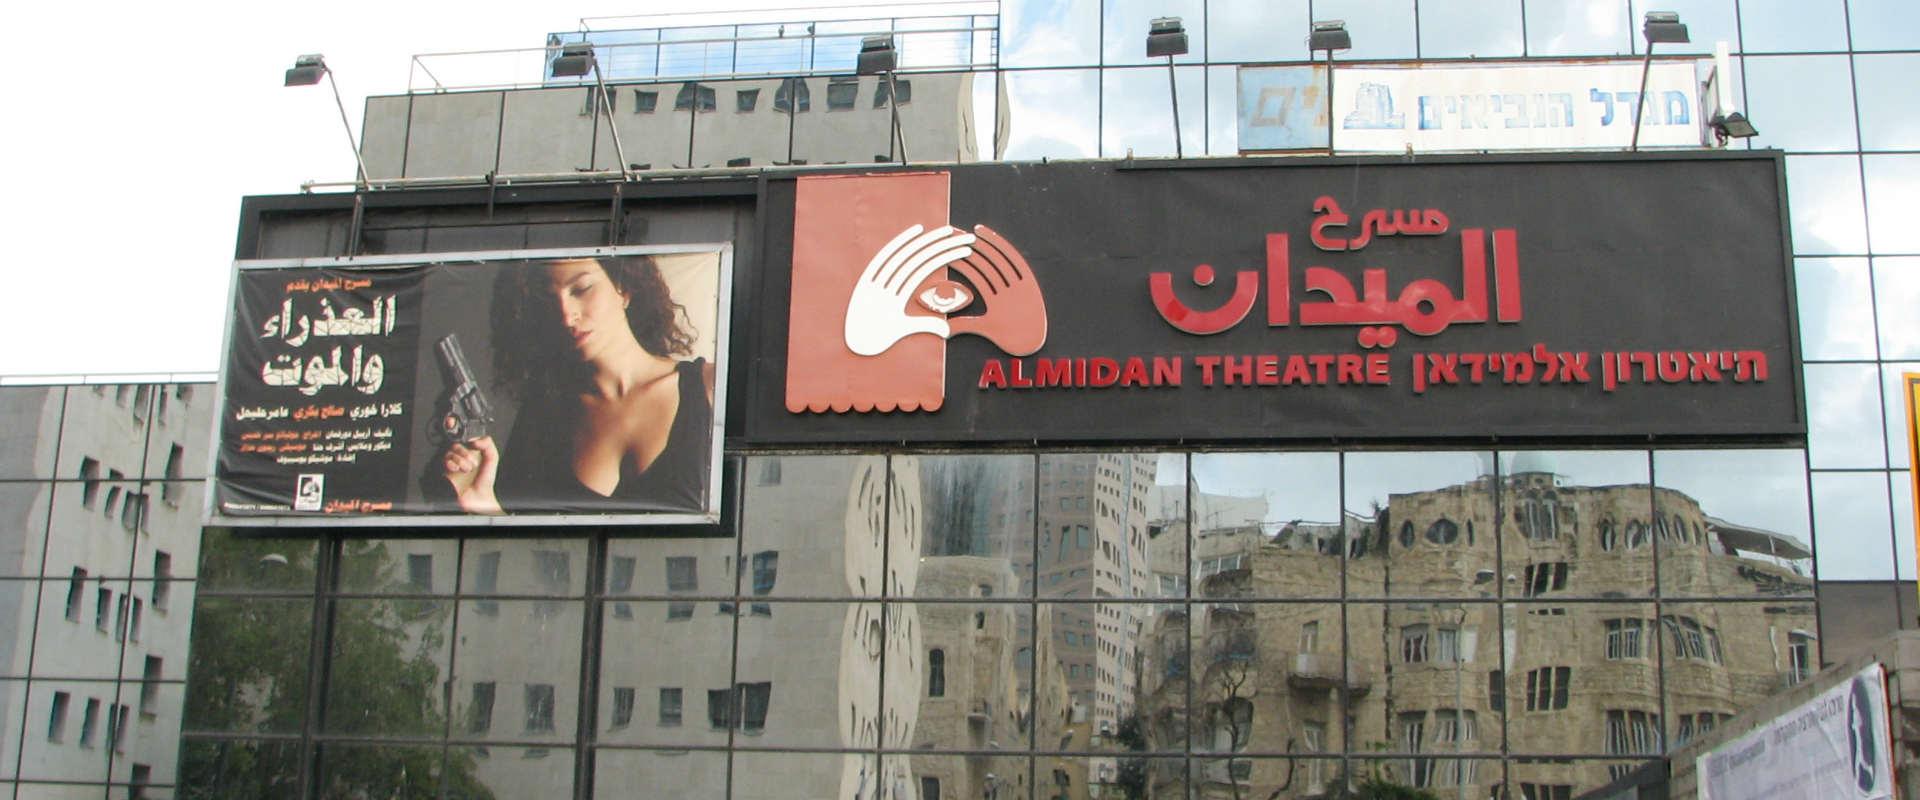 תיאטרון אל-מידאן